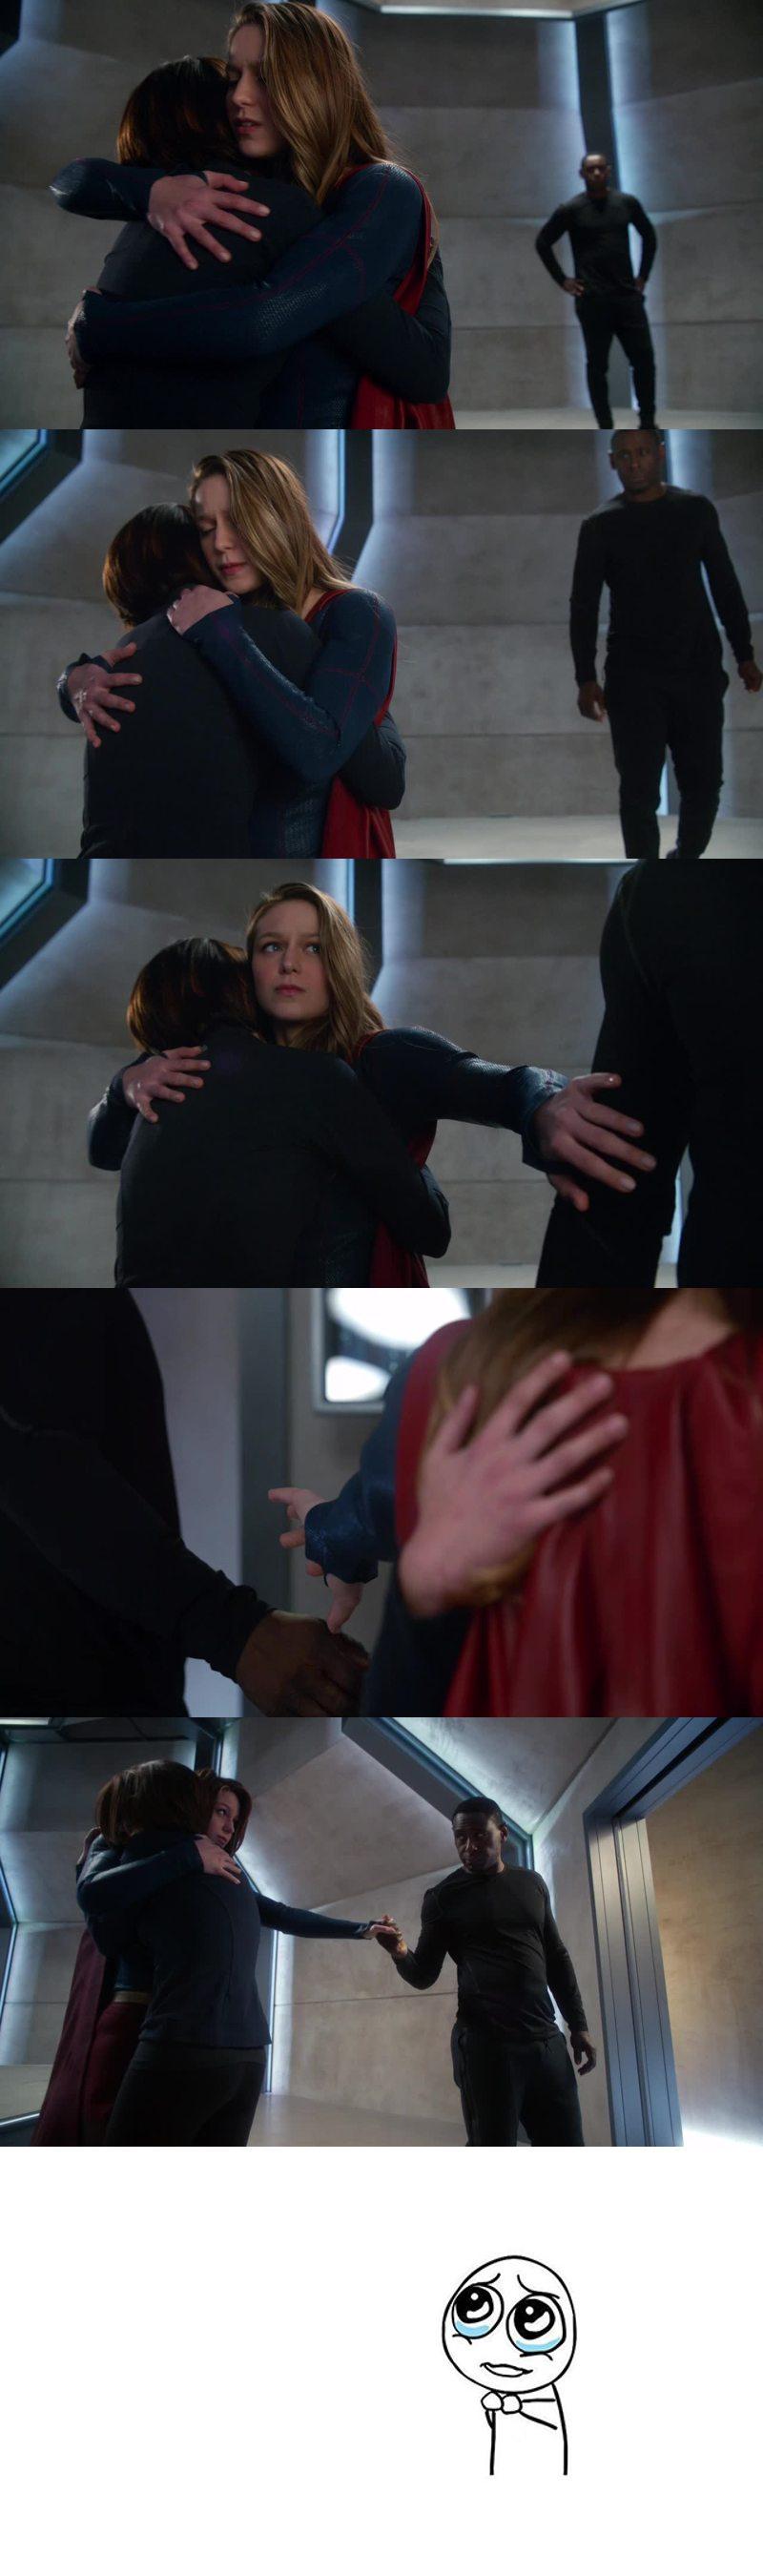 Best scene of the episode